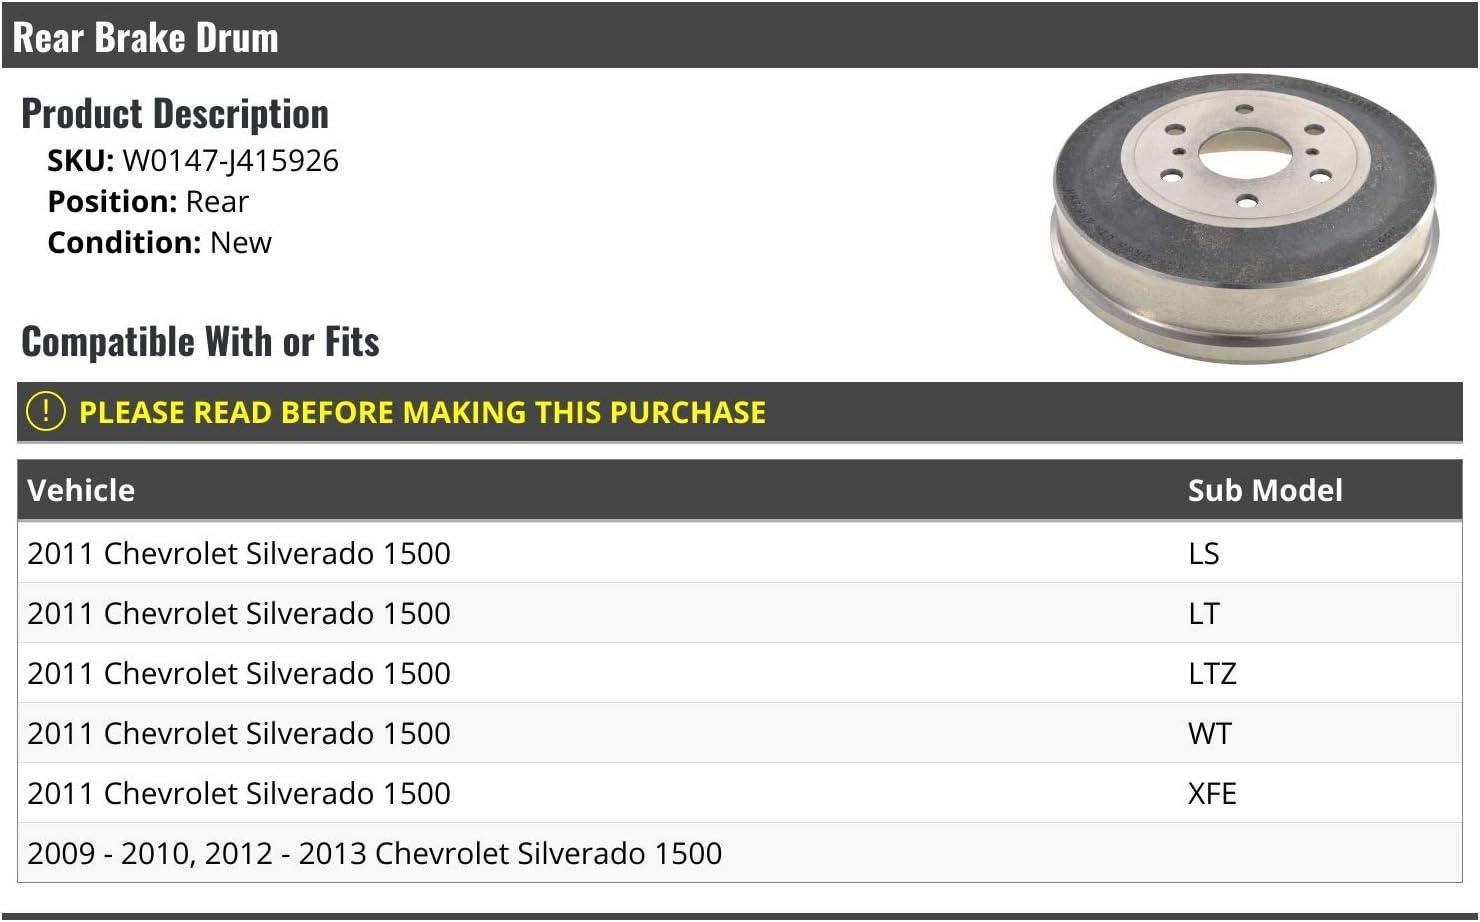 Rear Brake Drum Compatible with 2009-2013 Chevy Silverado 1500